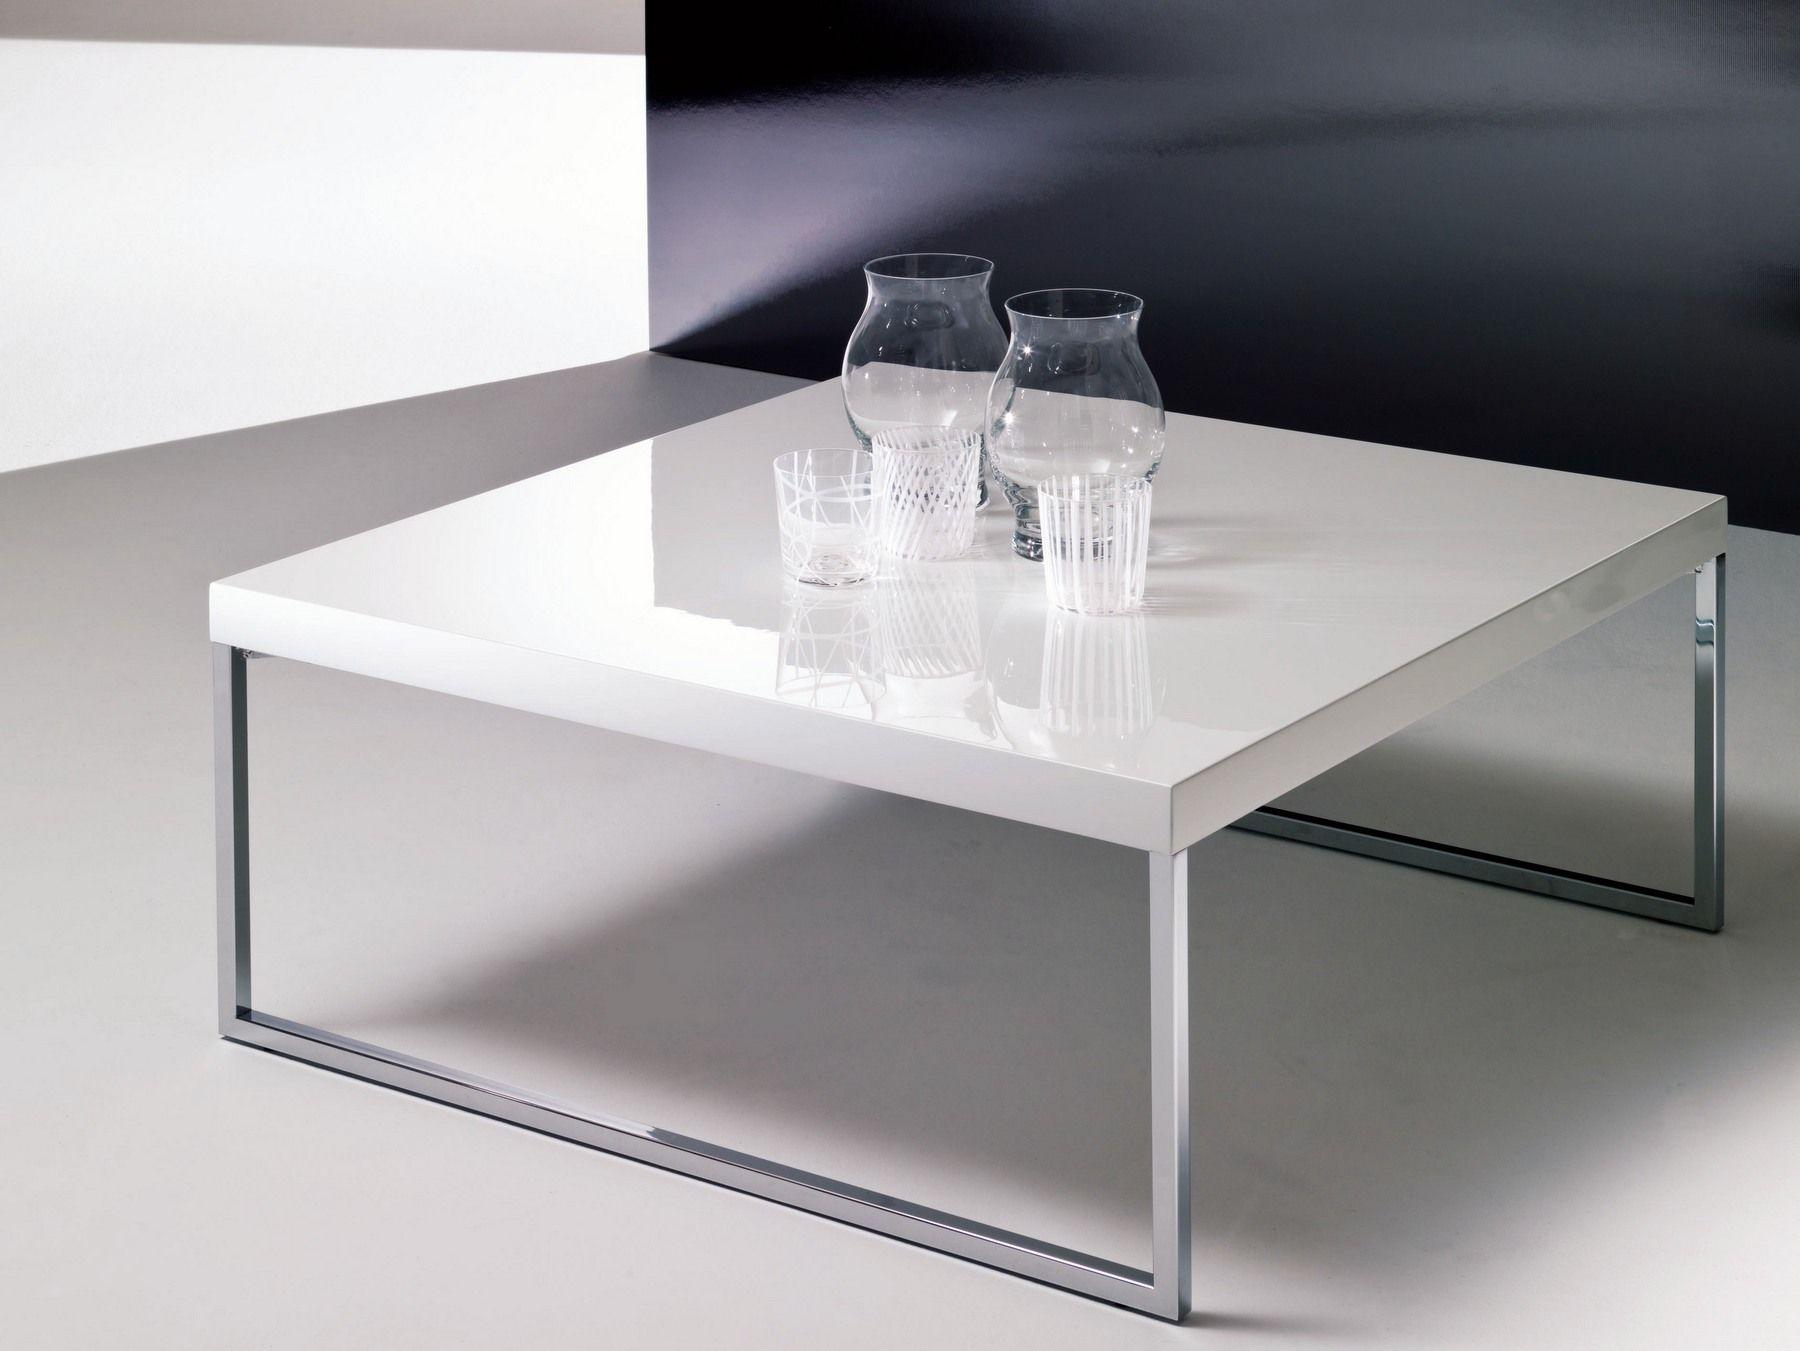 Plaza table basse de salon by bontempi casa design lino codato for Tavolini di design